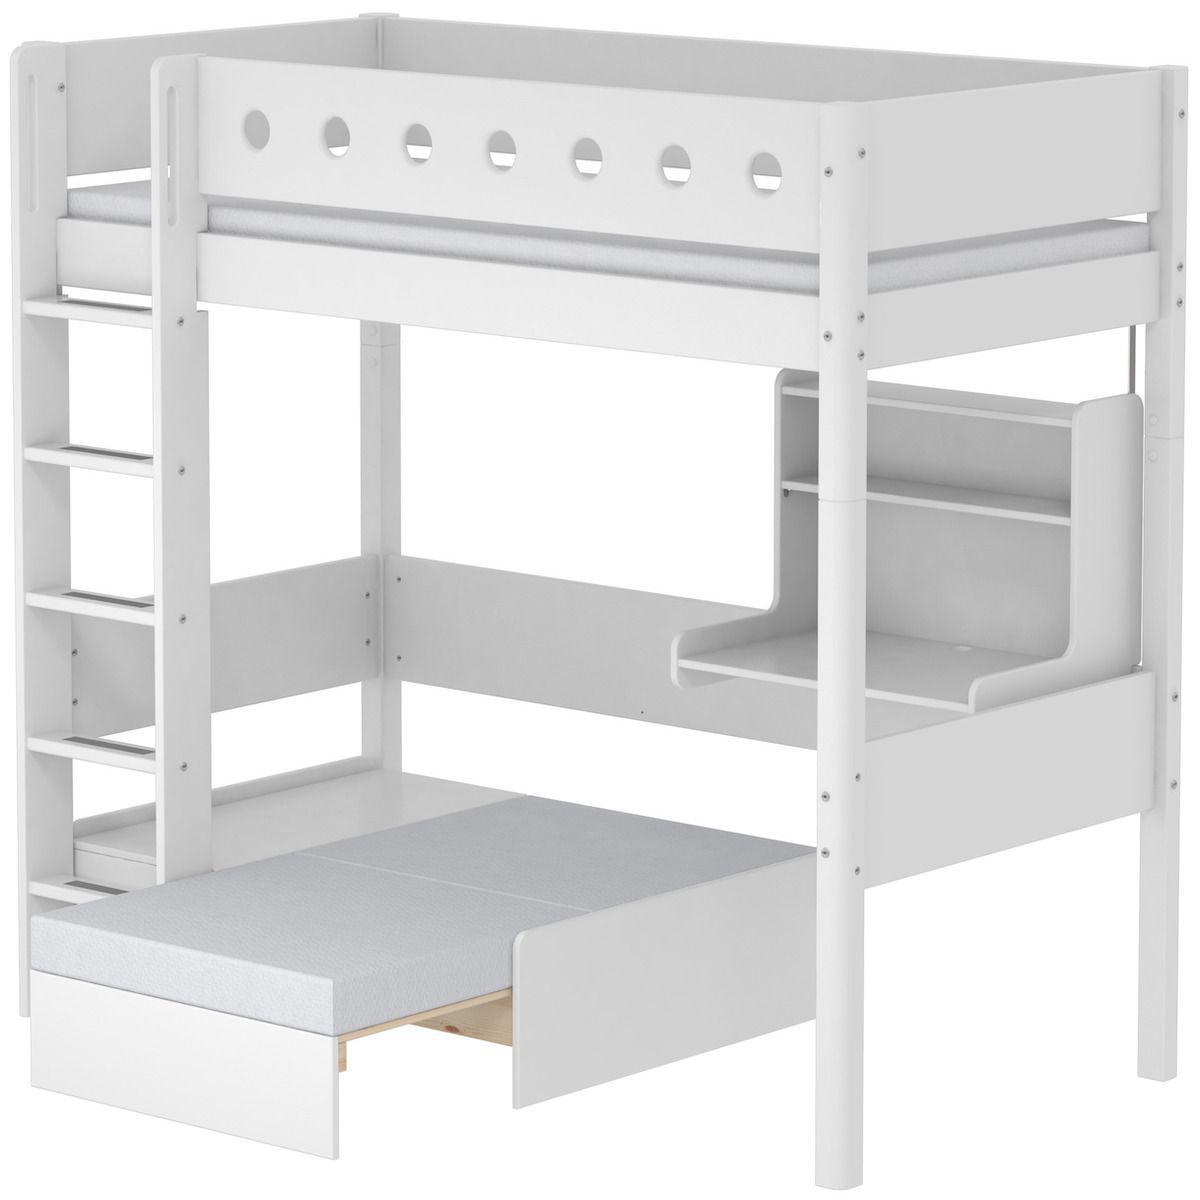 Hochbett mitwachsend 90x200cm WHITE Flexa, weiße Bettpfosten, weiß, Schlafmodul, Schreibtisch CLICK-ON